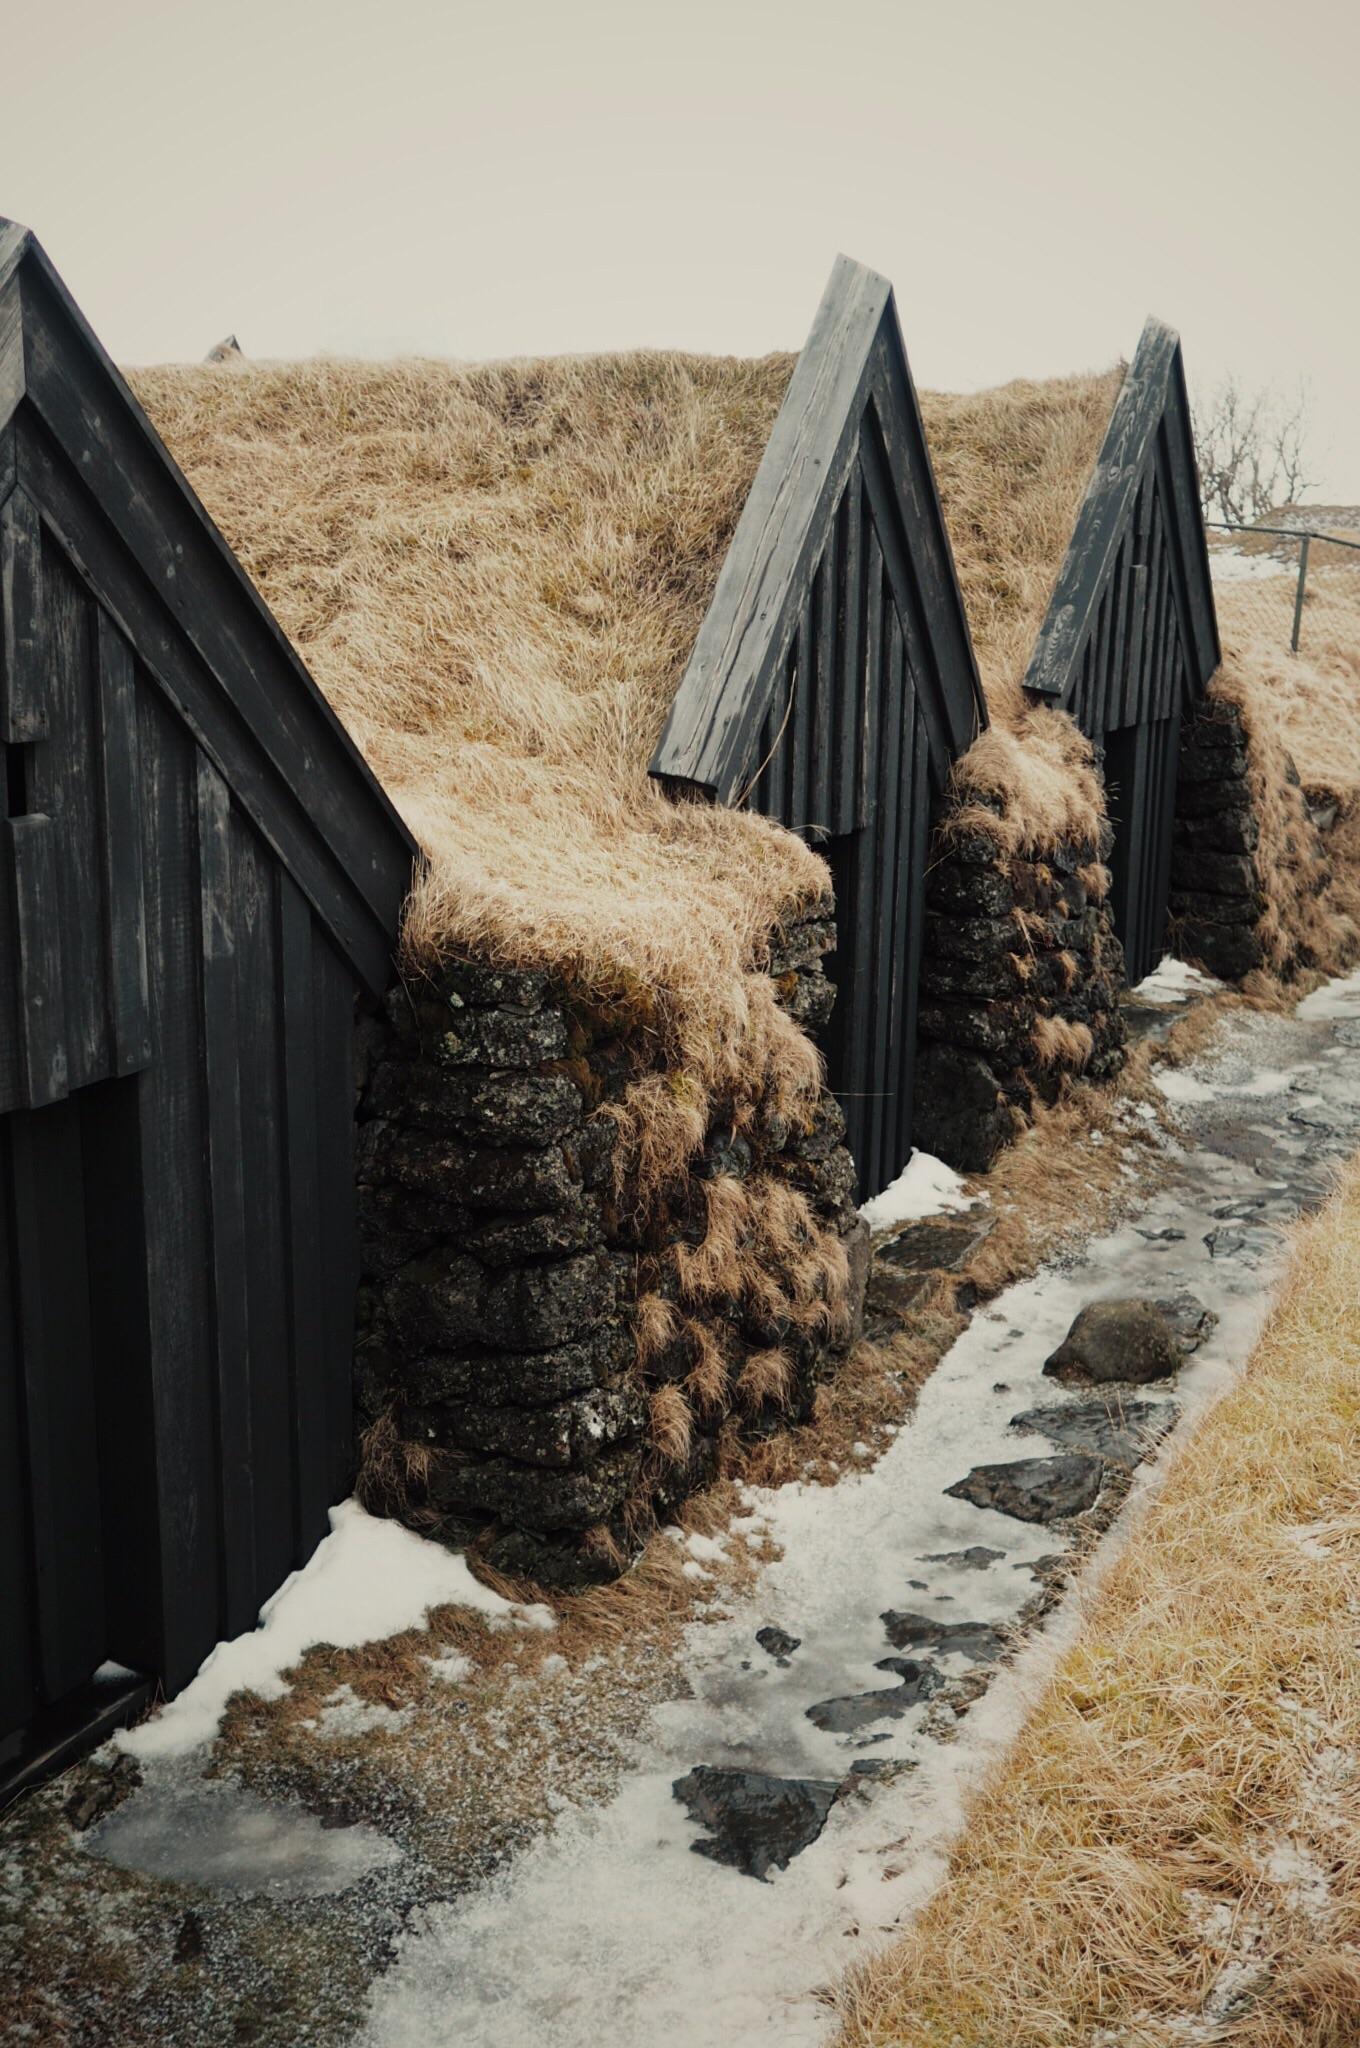 keldur turf houses